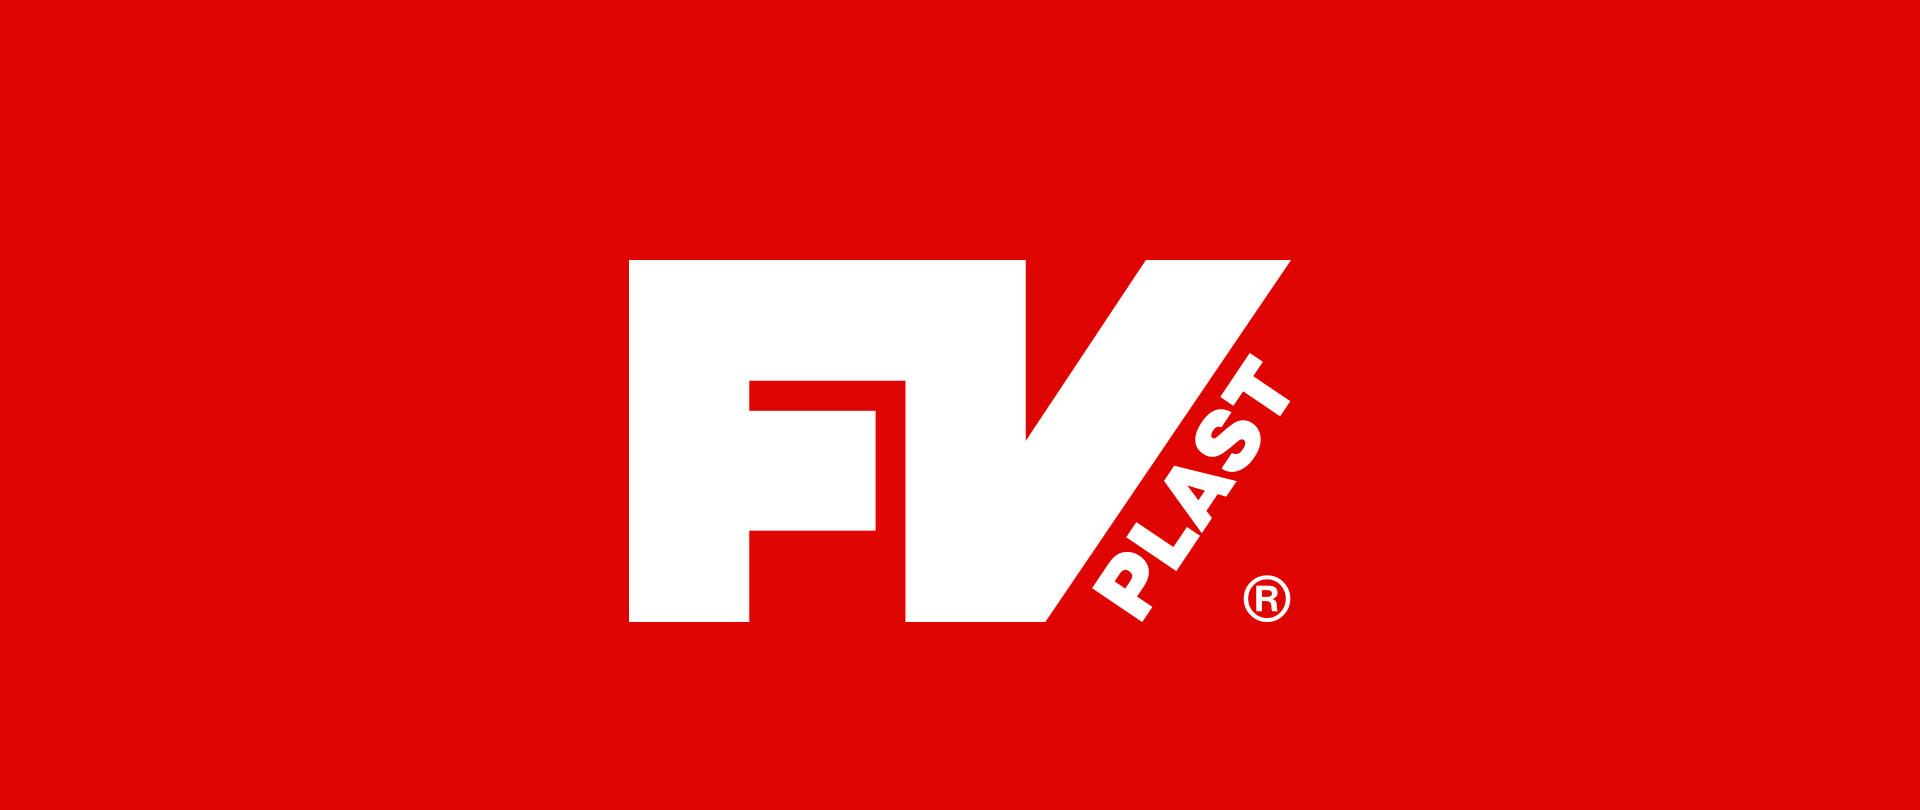 FV Plast firemní identita